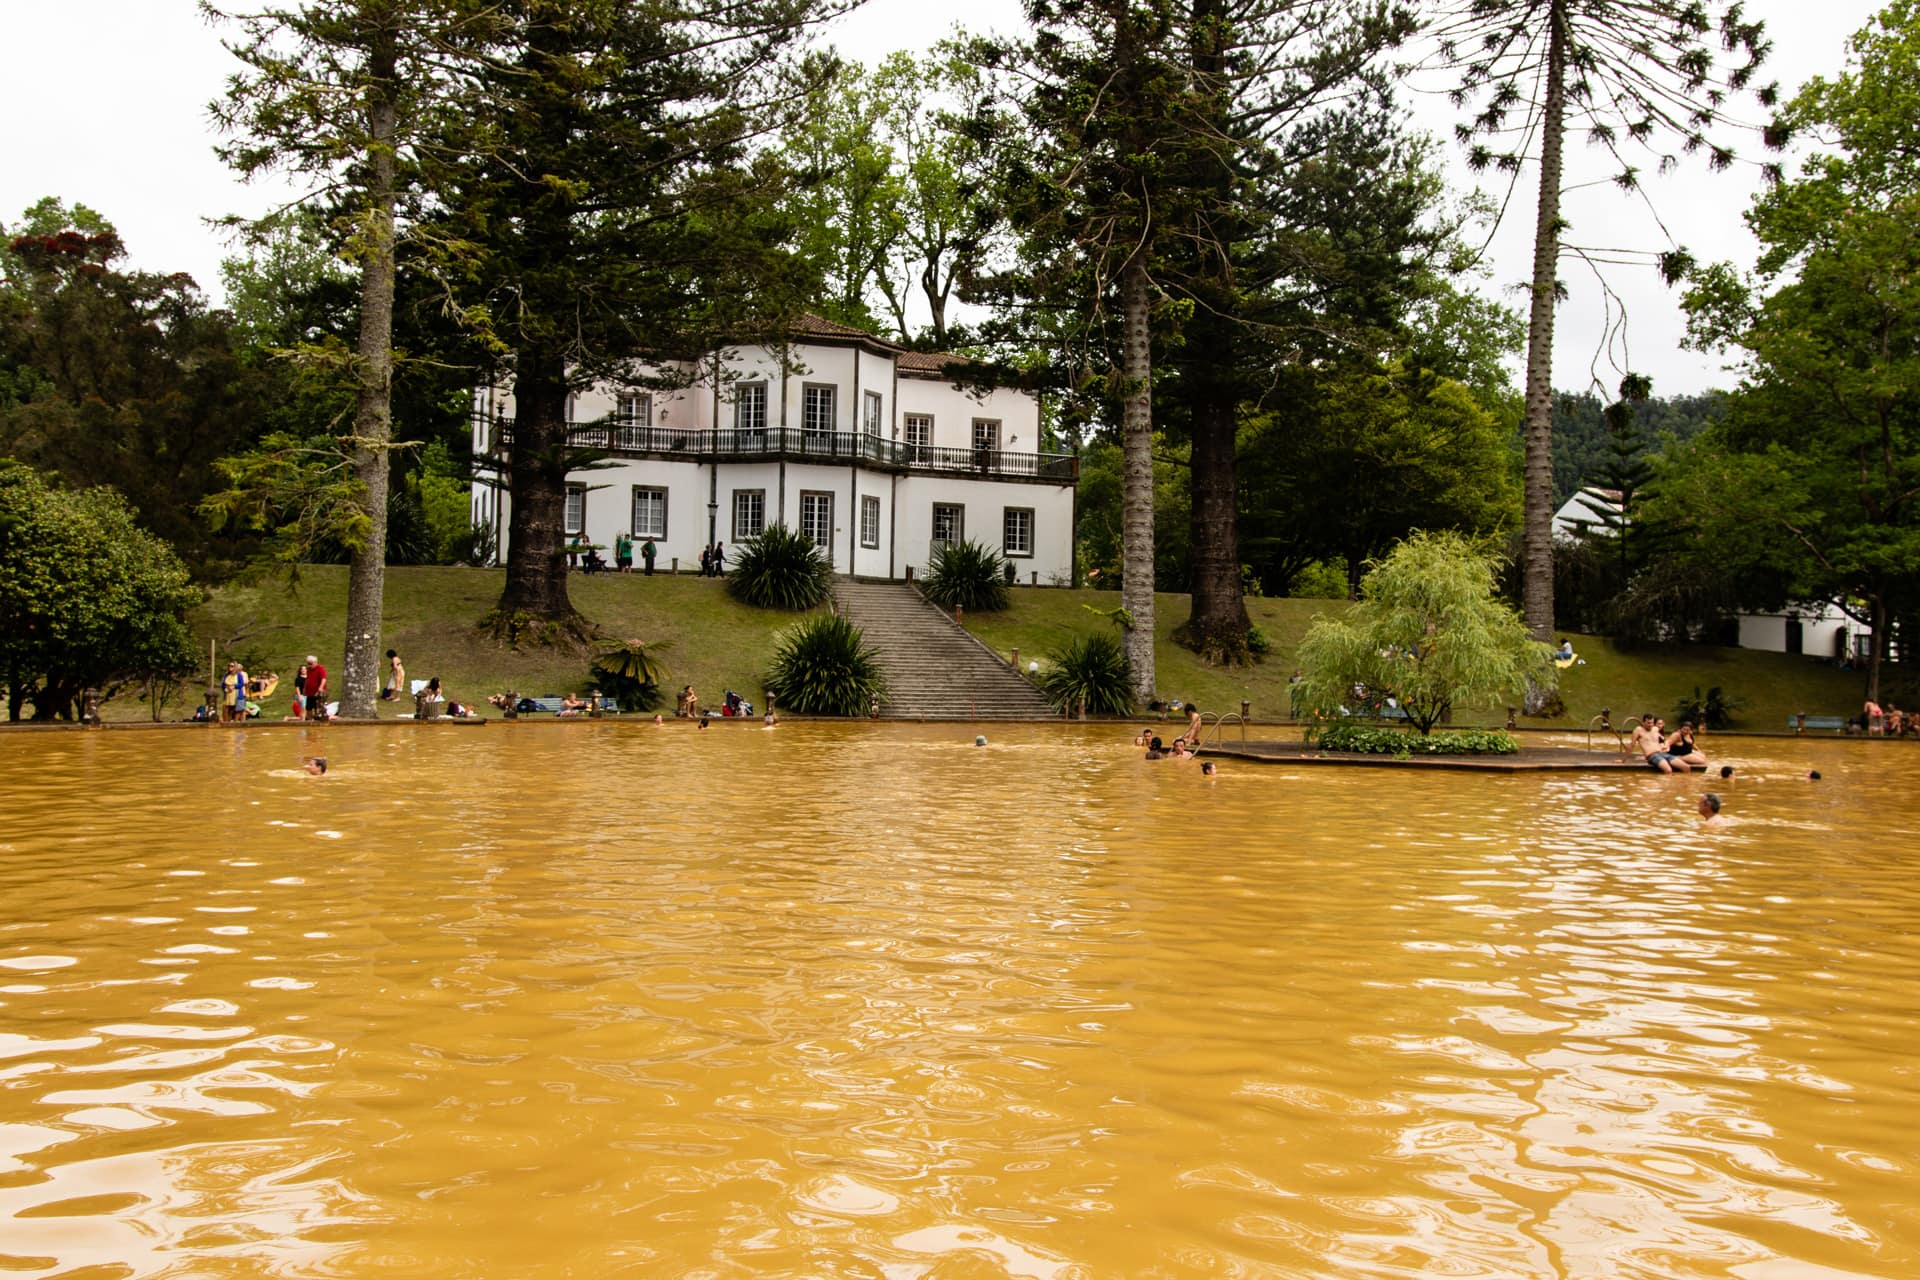 Parque Terra Nostra, Furnas,Sao Miguel Azores, Portugal